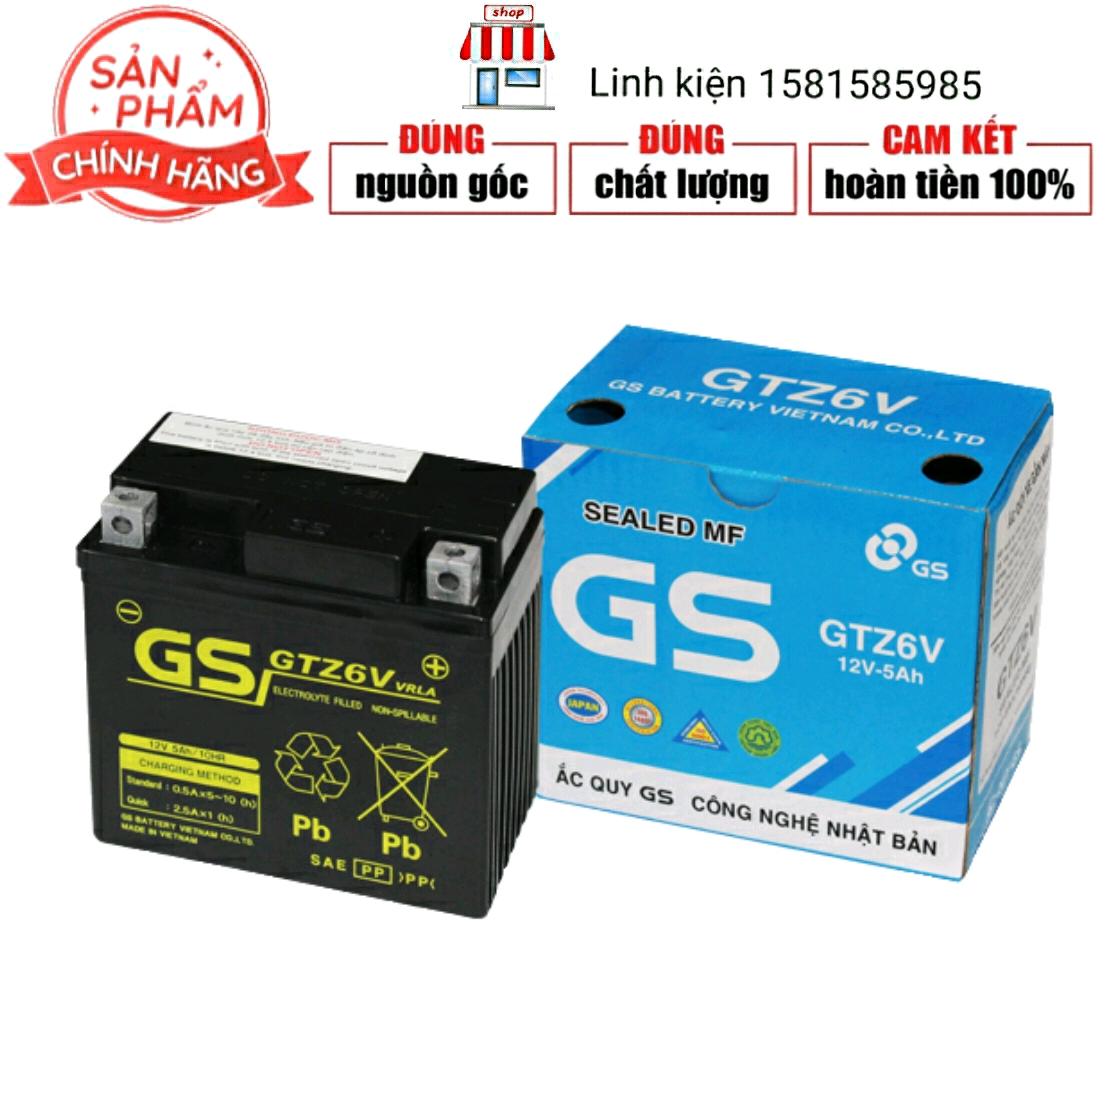 BÌNH ẮC QUY GS GTZ6V 12V-5A